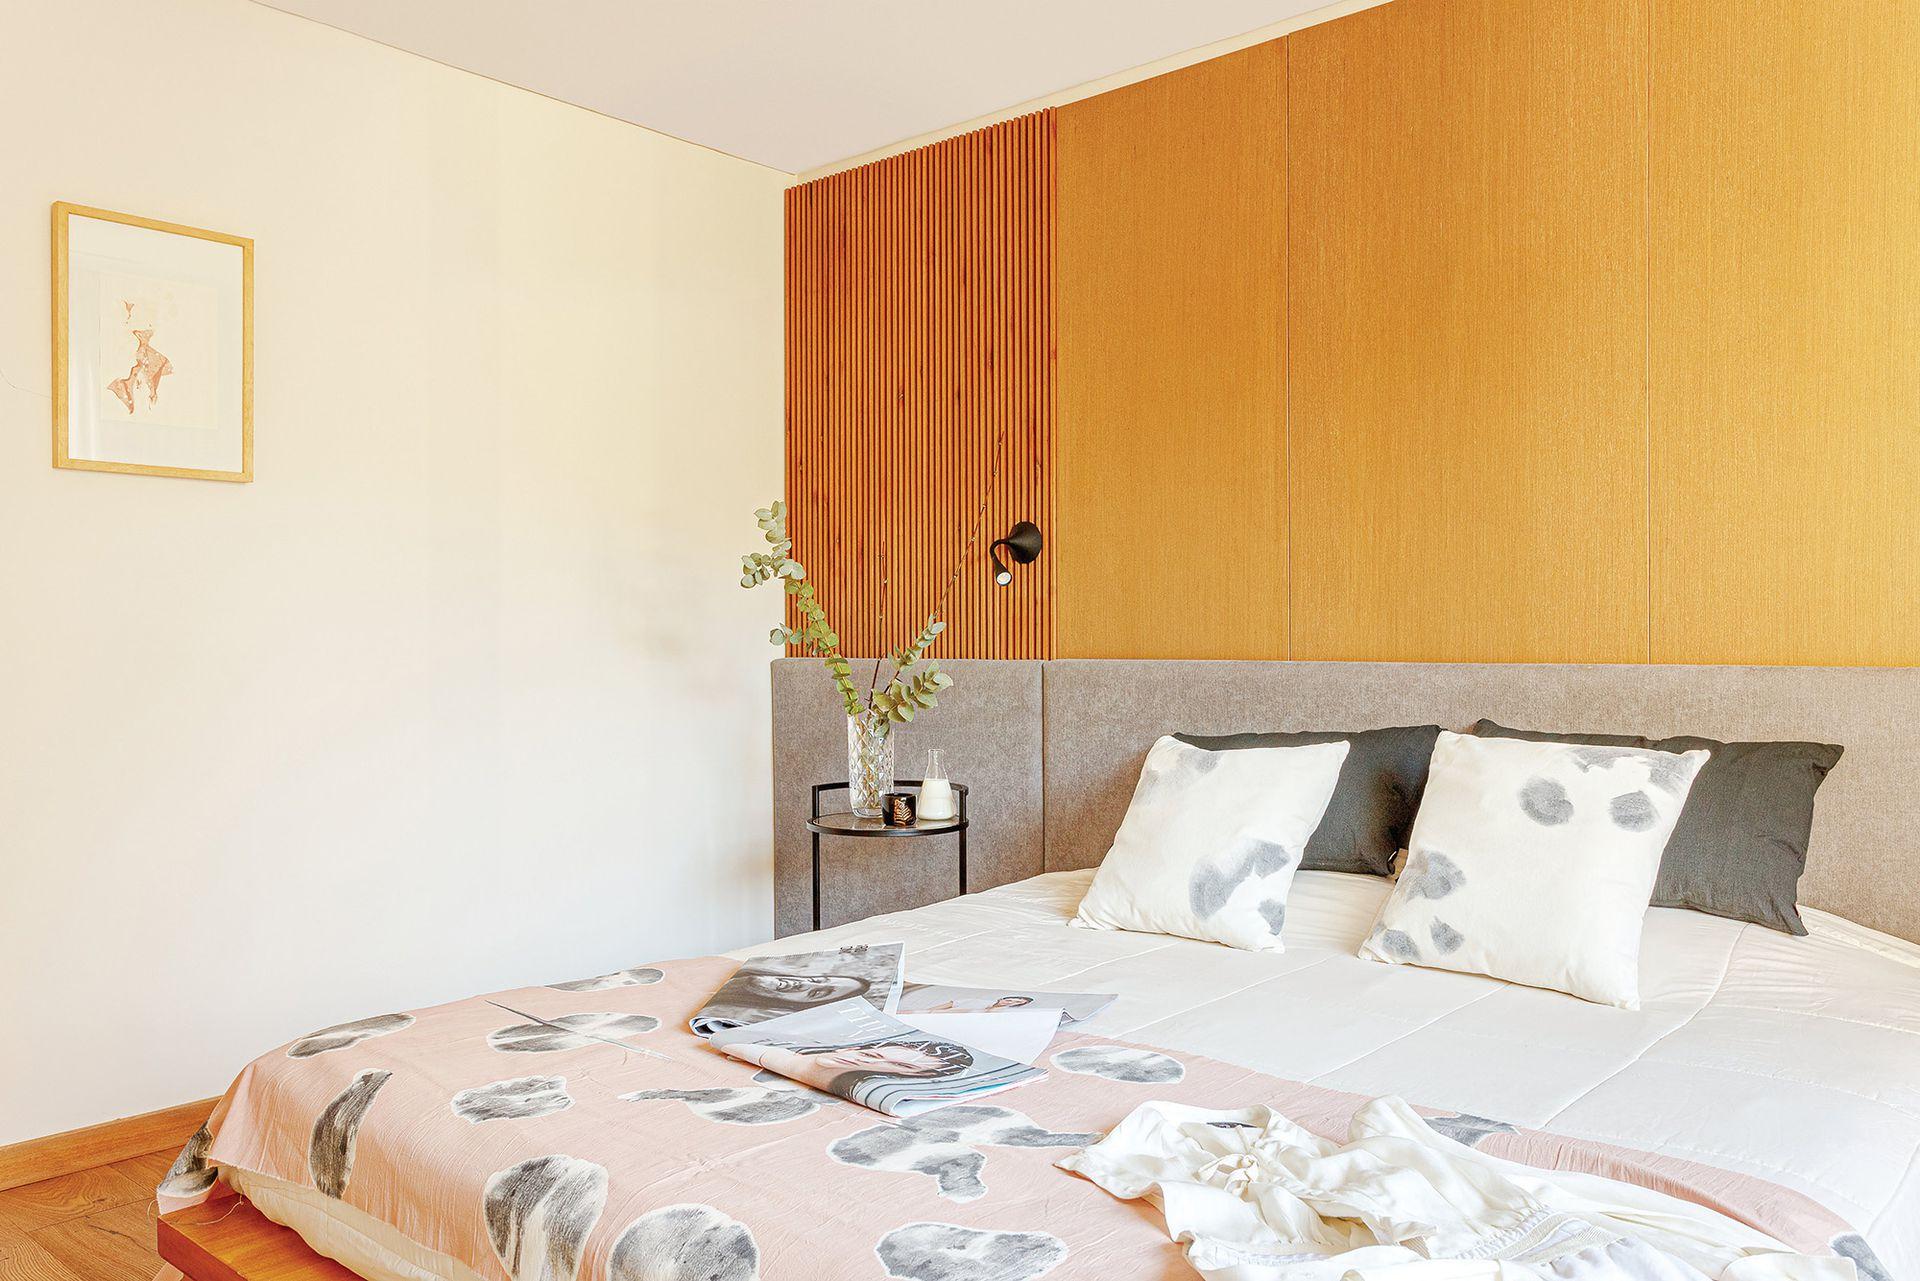 Almohadones de terciopelo y pie de cama (Pezkoi).